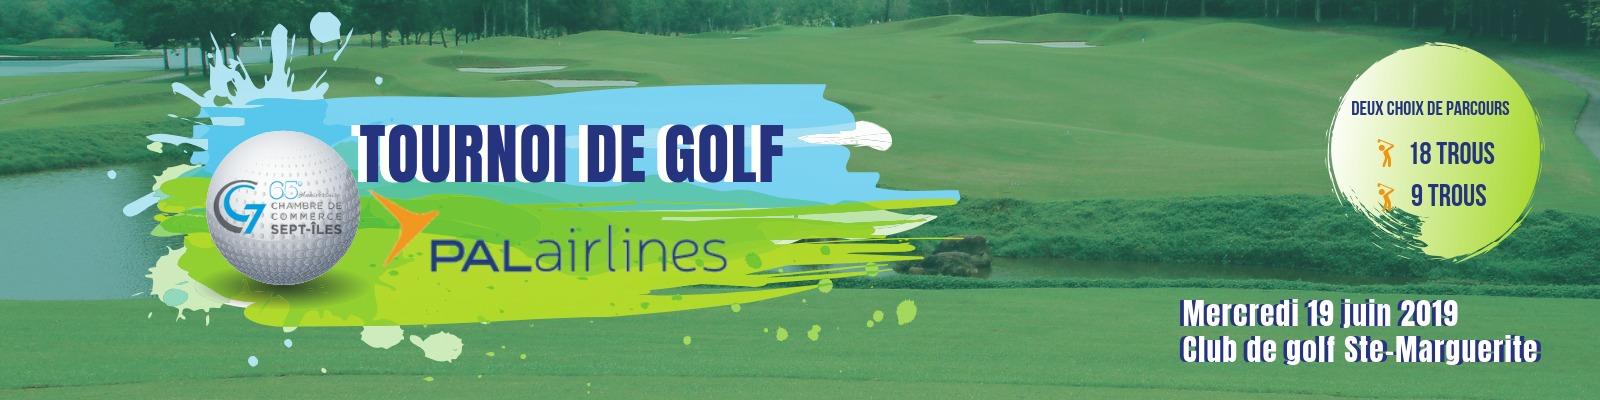 Tournoi de golf 2019 de la Chambre de commerce de Sept-Îles